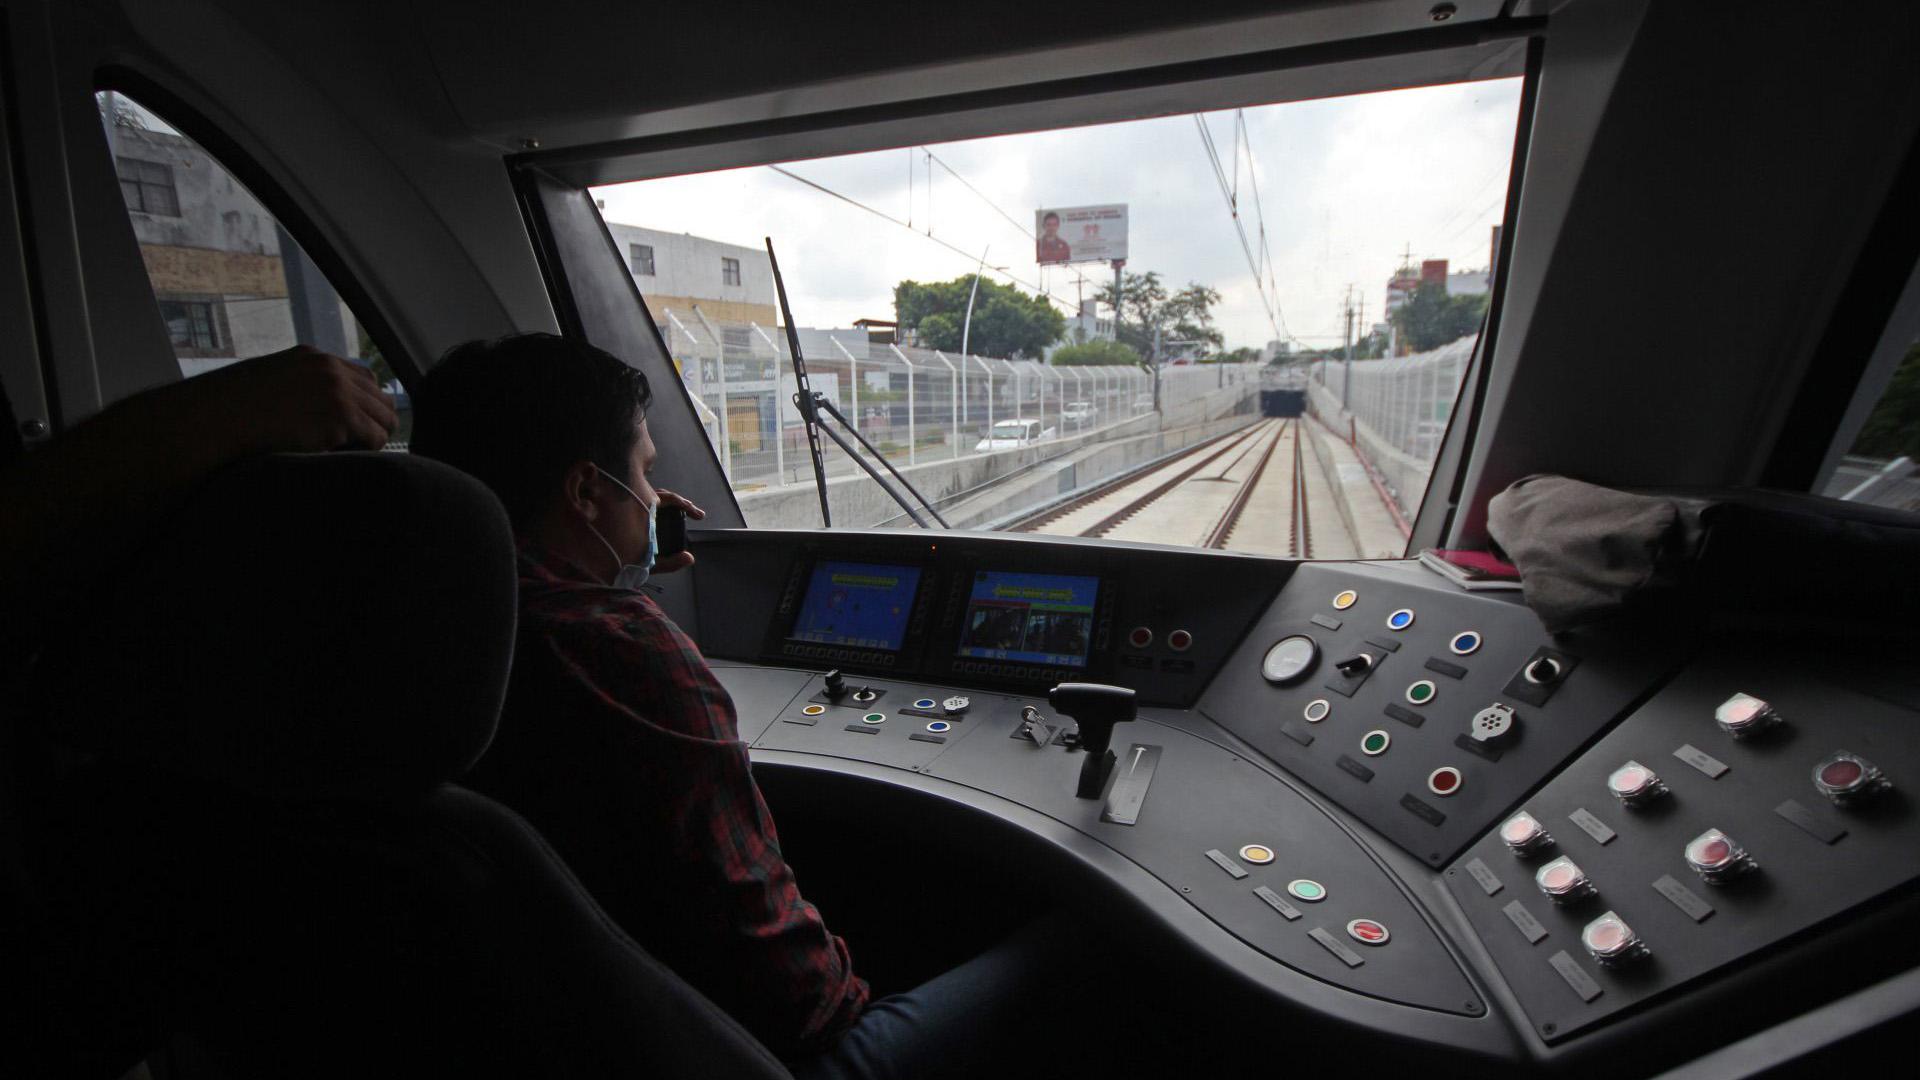 Hoy se llevo a cabo un recorrido para medios de comunicación por las instalaciones del Sistema de Tren Eléctrico Urbano (SITEUR) de la Línea 3, esto previo a su inauguración y para mostrar la operatividad del proyecto (Foto: Cuartoscuro)